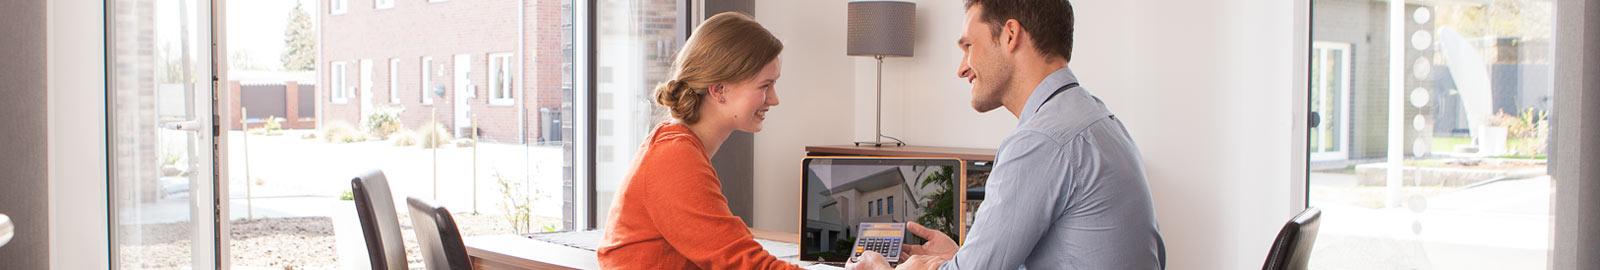 nebenkosten beim hauskauf damit m ssen sie rechnen volksbank raiffeisenbank. Black Bedroom Furniture Sets. Home Design Ideas